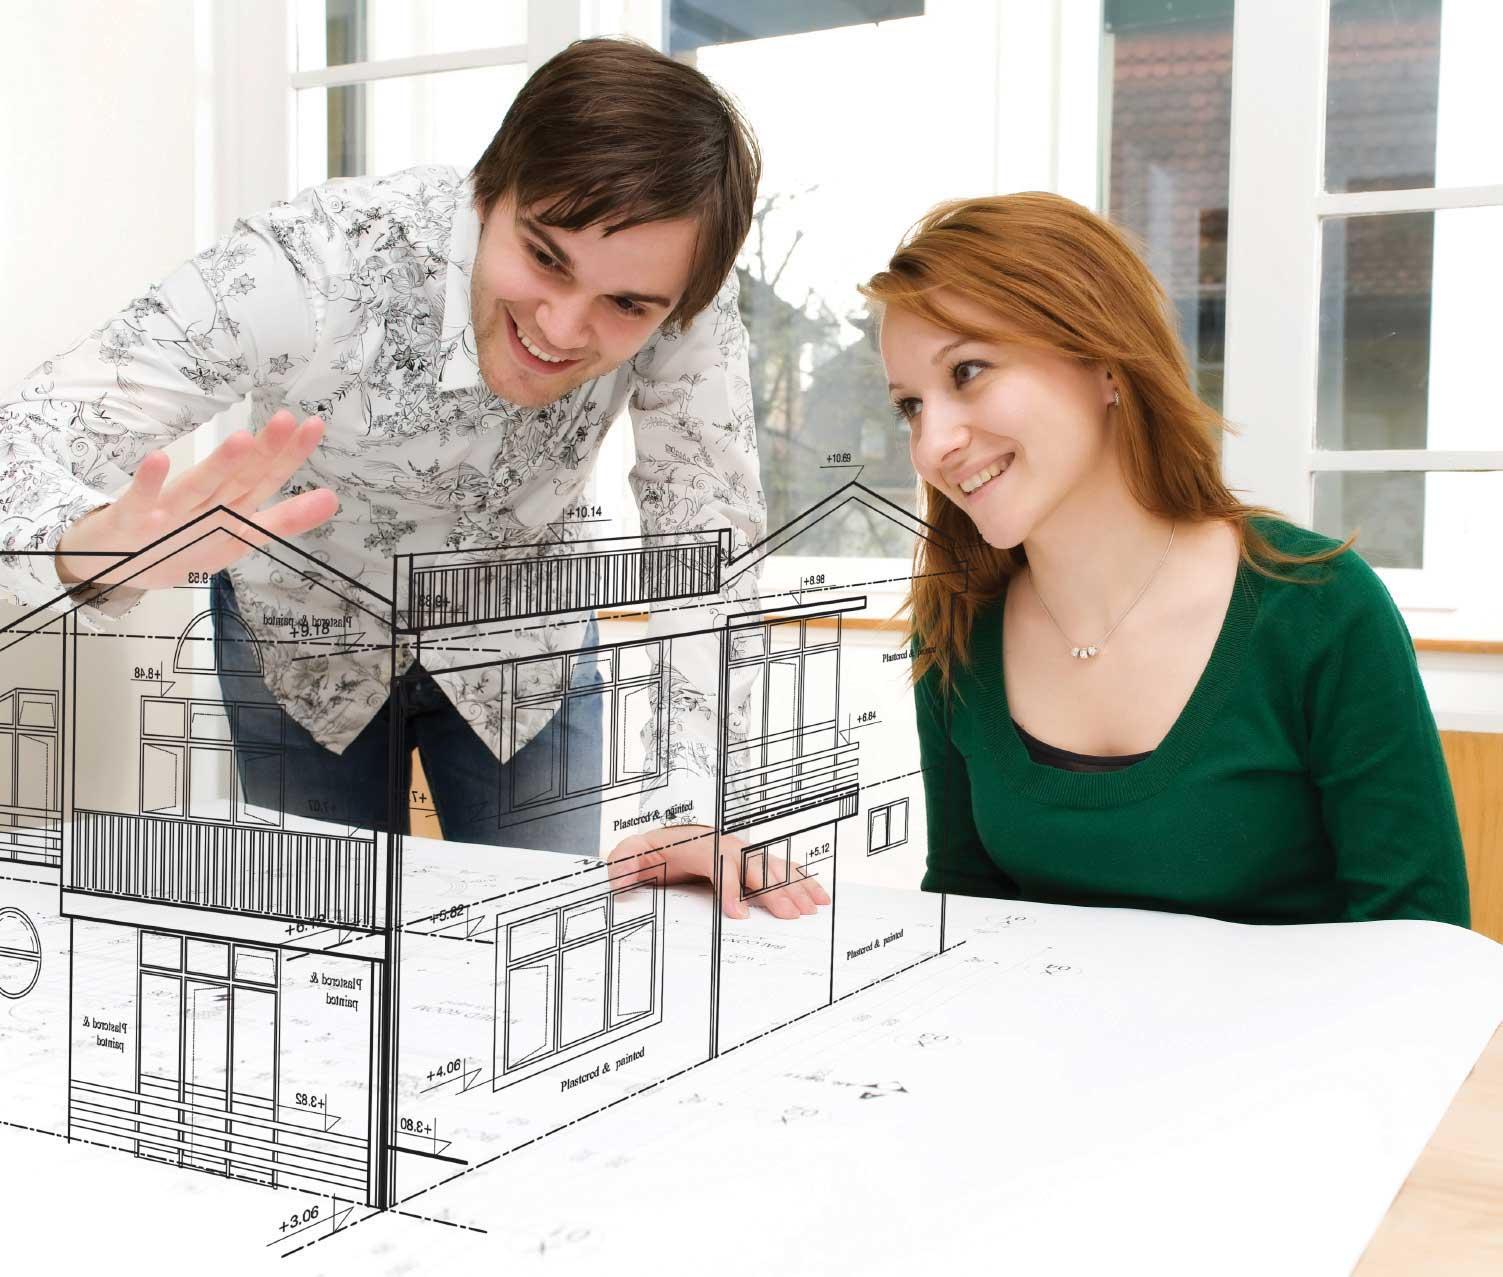 La nostra storia ha inizio alla fine dell 800 orsolini for Costruire la casa dei miei sogni online